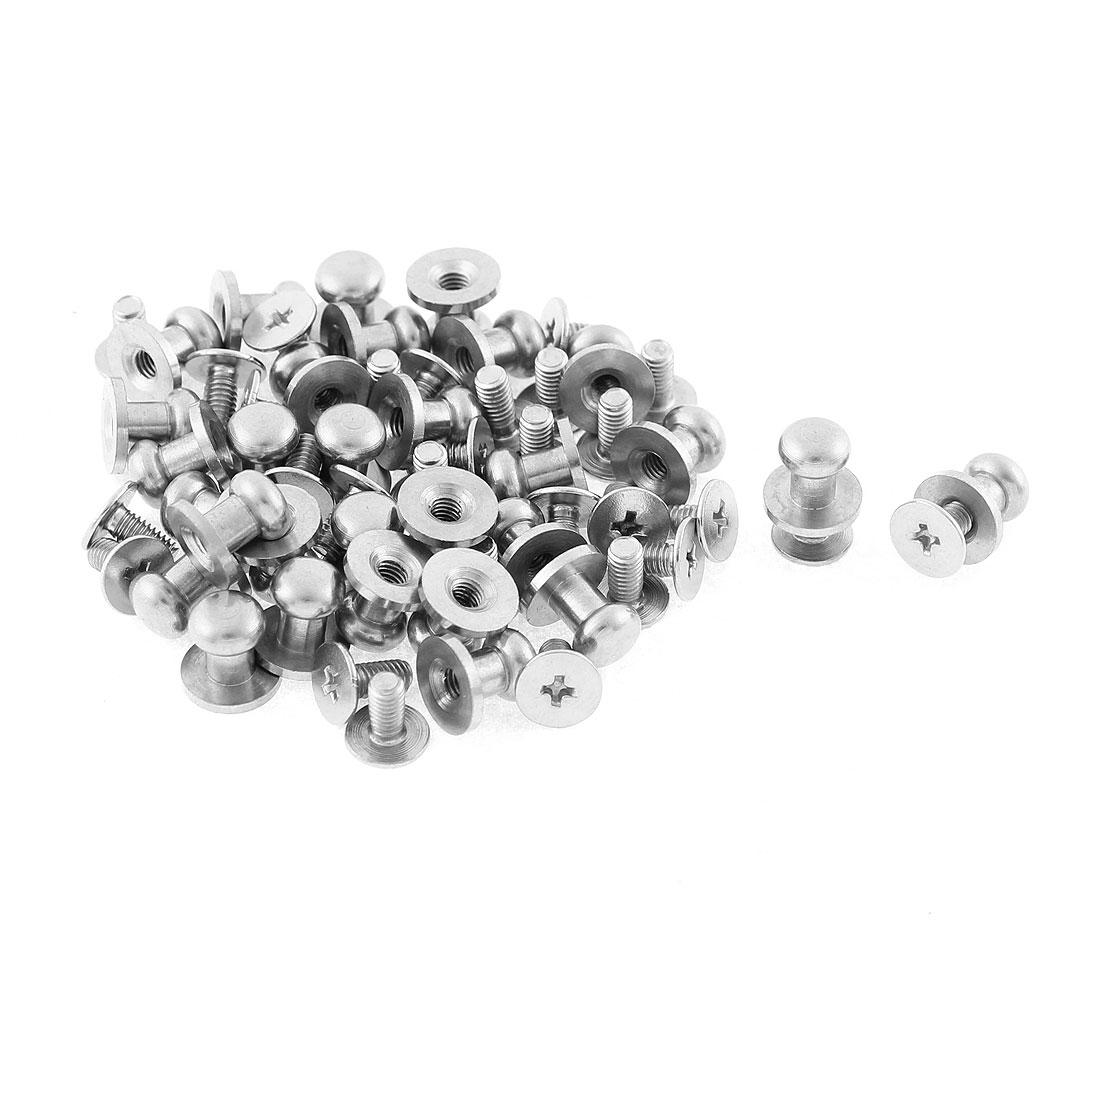 Furniture Drawer 8mm x 8mm Zinc Alloy Round Pull Knob Silver Tone w Screws 30 Pcs